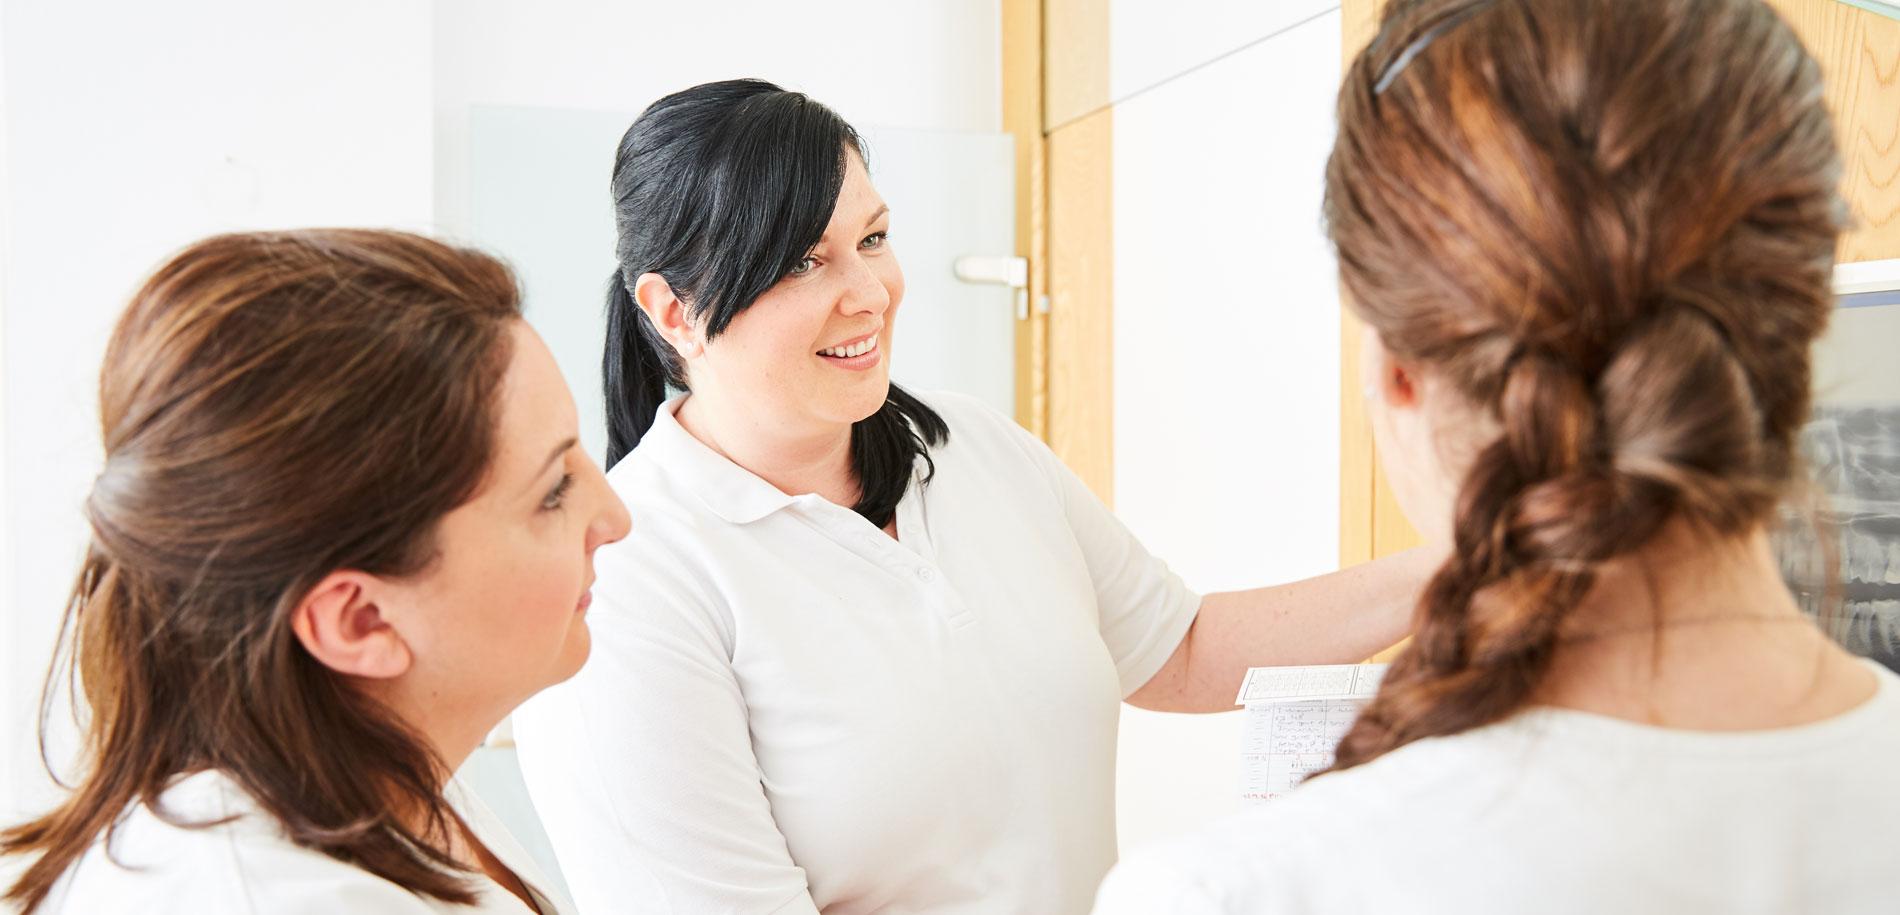 Zahnarztpraxis  Zahnrhein in Walluf - Funktionstherapie 1